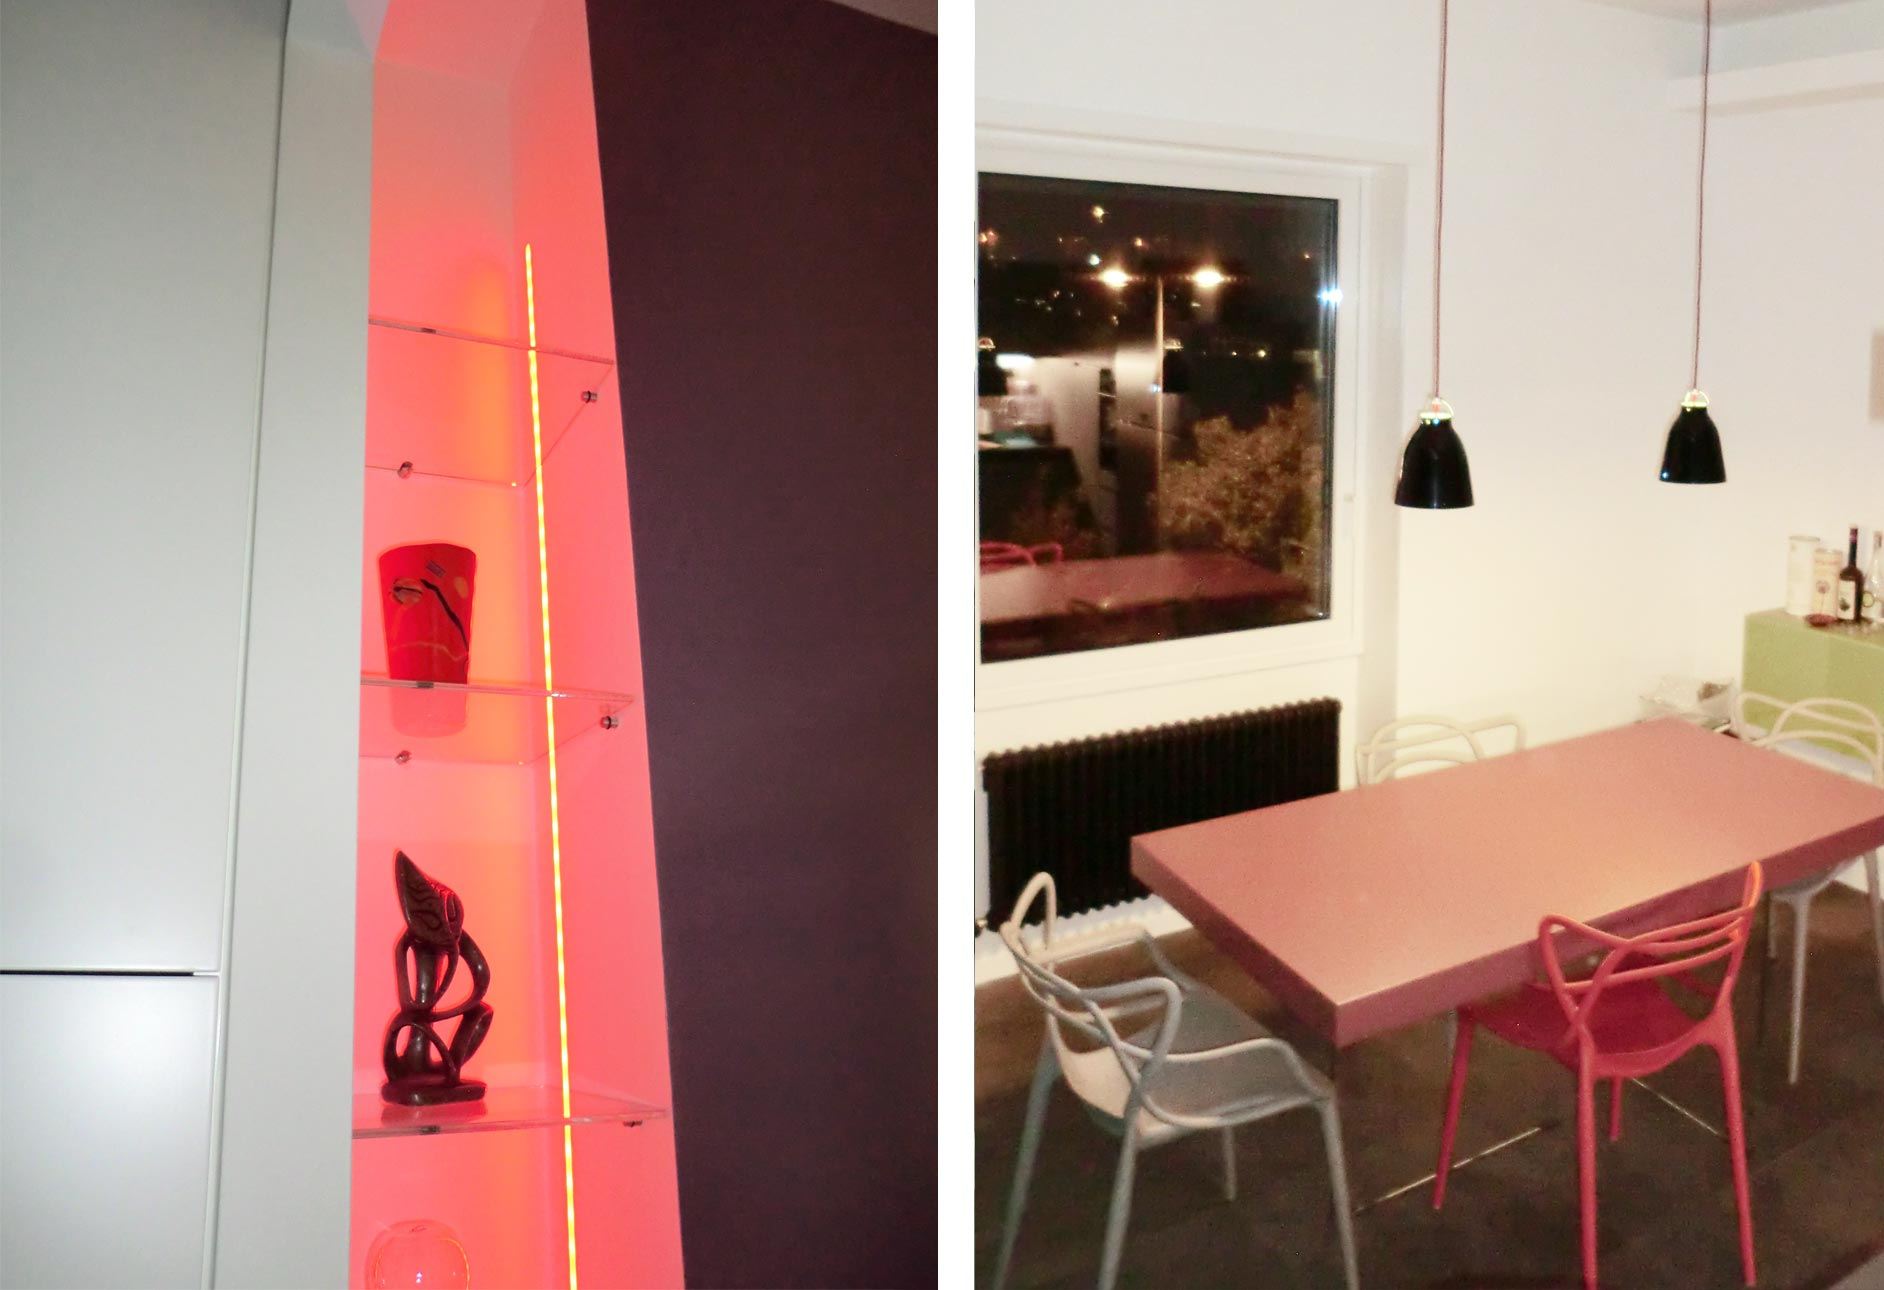 Scelta dei materiali, dei colori e delle finiture. Illuminazione totale con faretti a led e stripled.